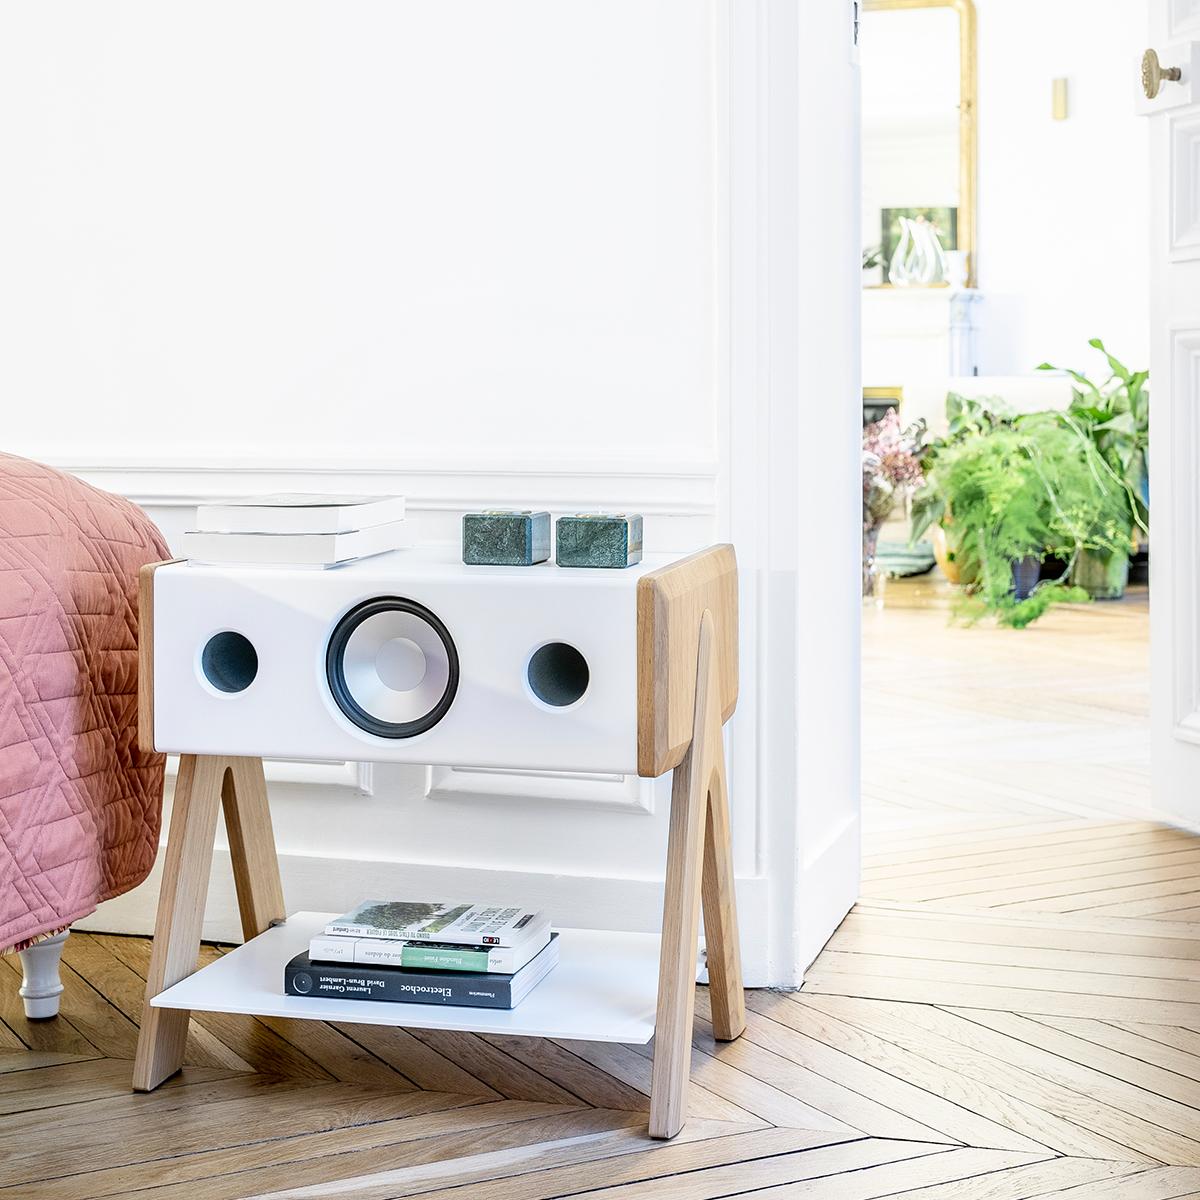 臨場感のある音が、コンパクトなスピーカーから生まれる。美しい家具のような高級スピーカー・オーディオ家具|La Boite Concept CUBE(ラ ボアット コンセプト キューブ)